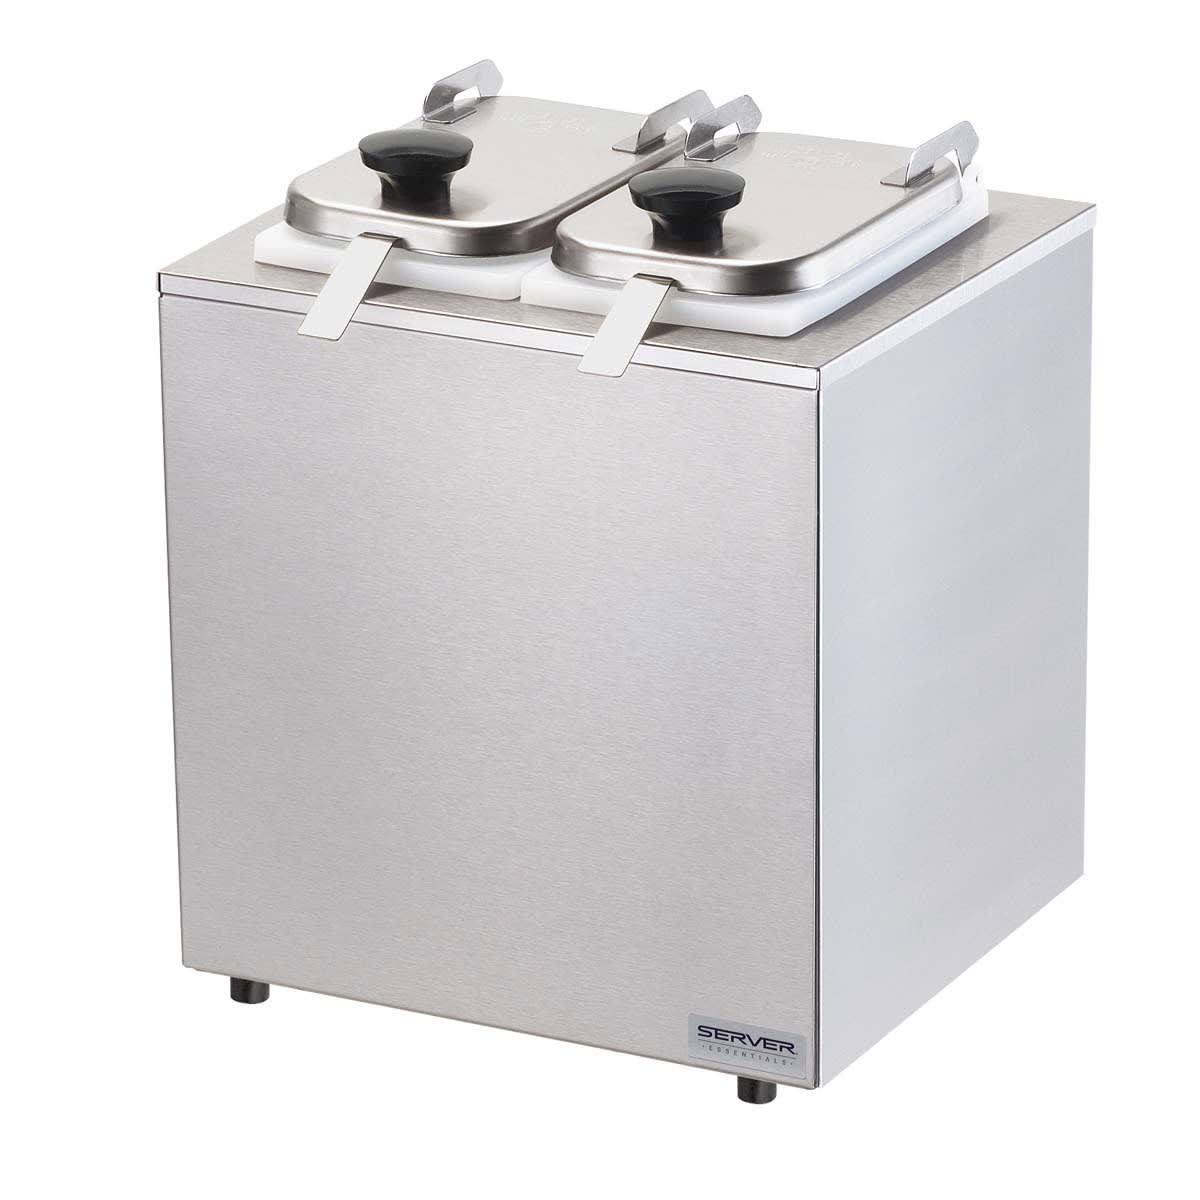 Server 79930 Dipper-Style Topping Dispenser w/ (2) 1-oz Ladles, Stainless